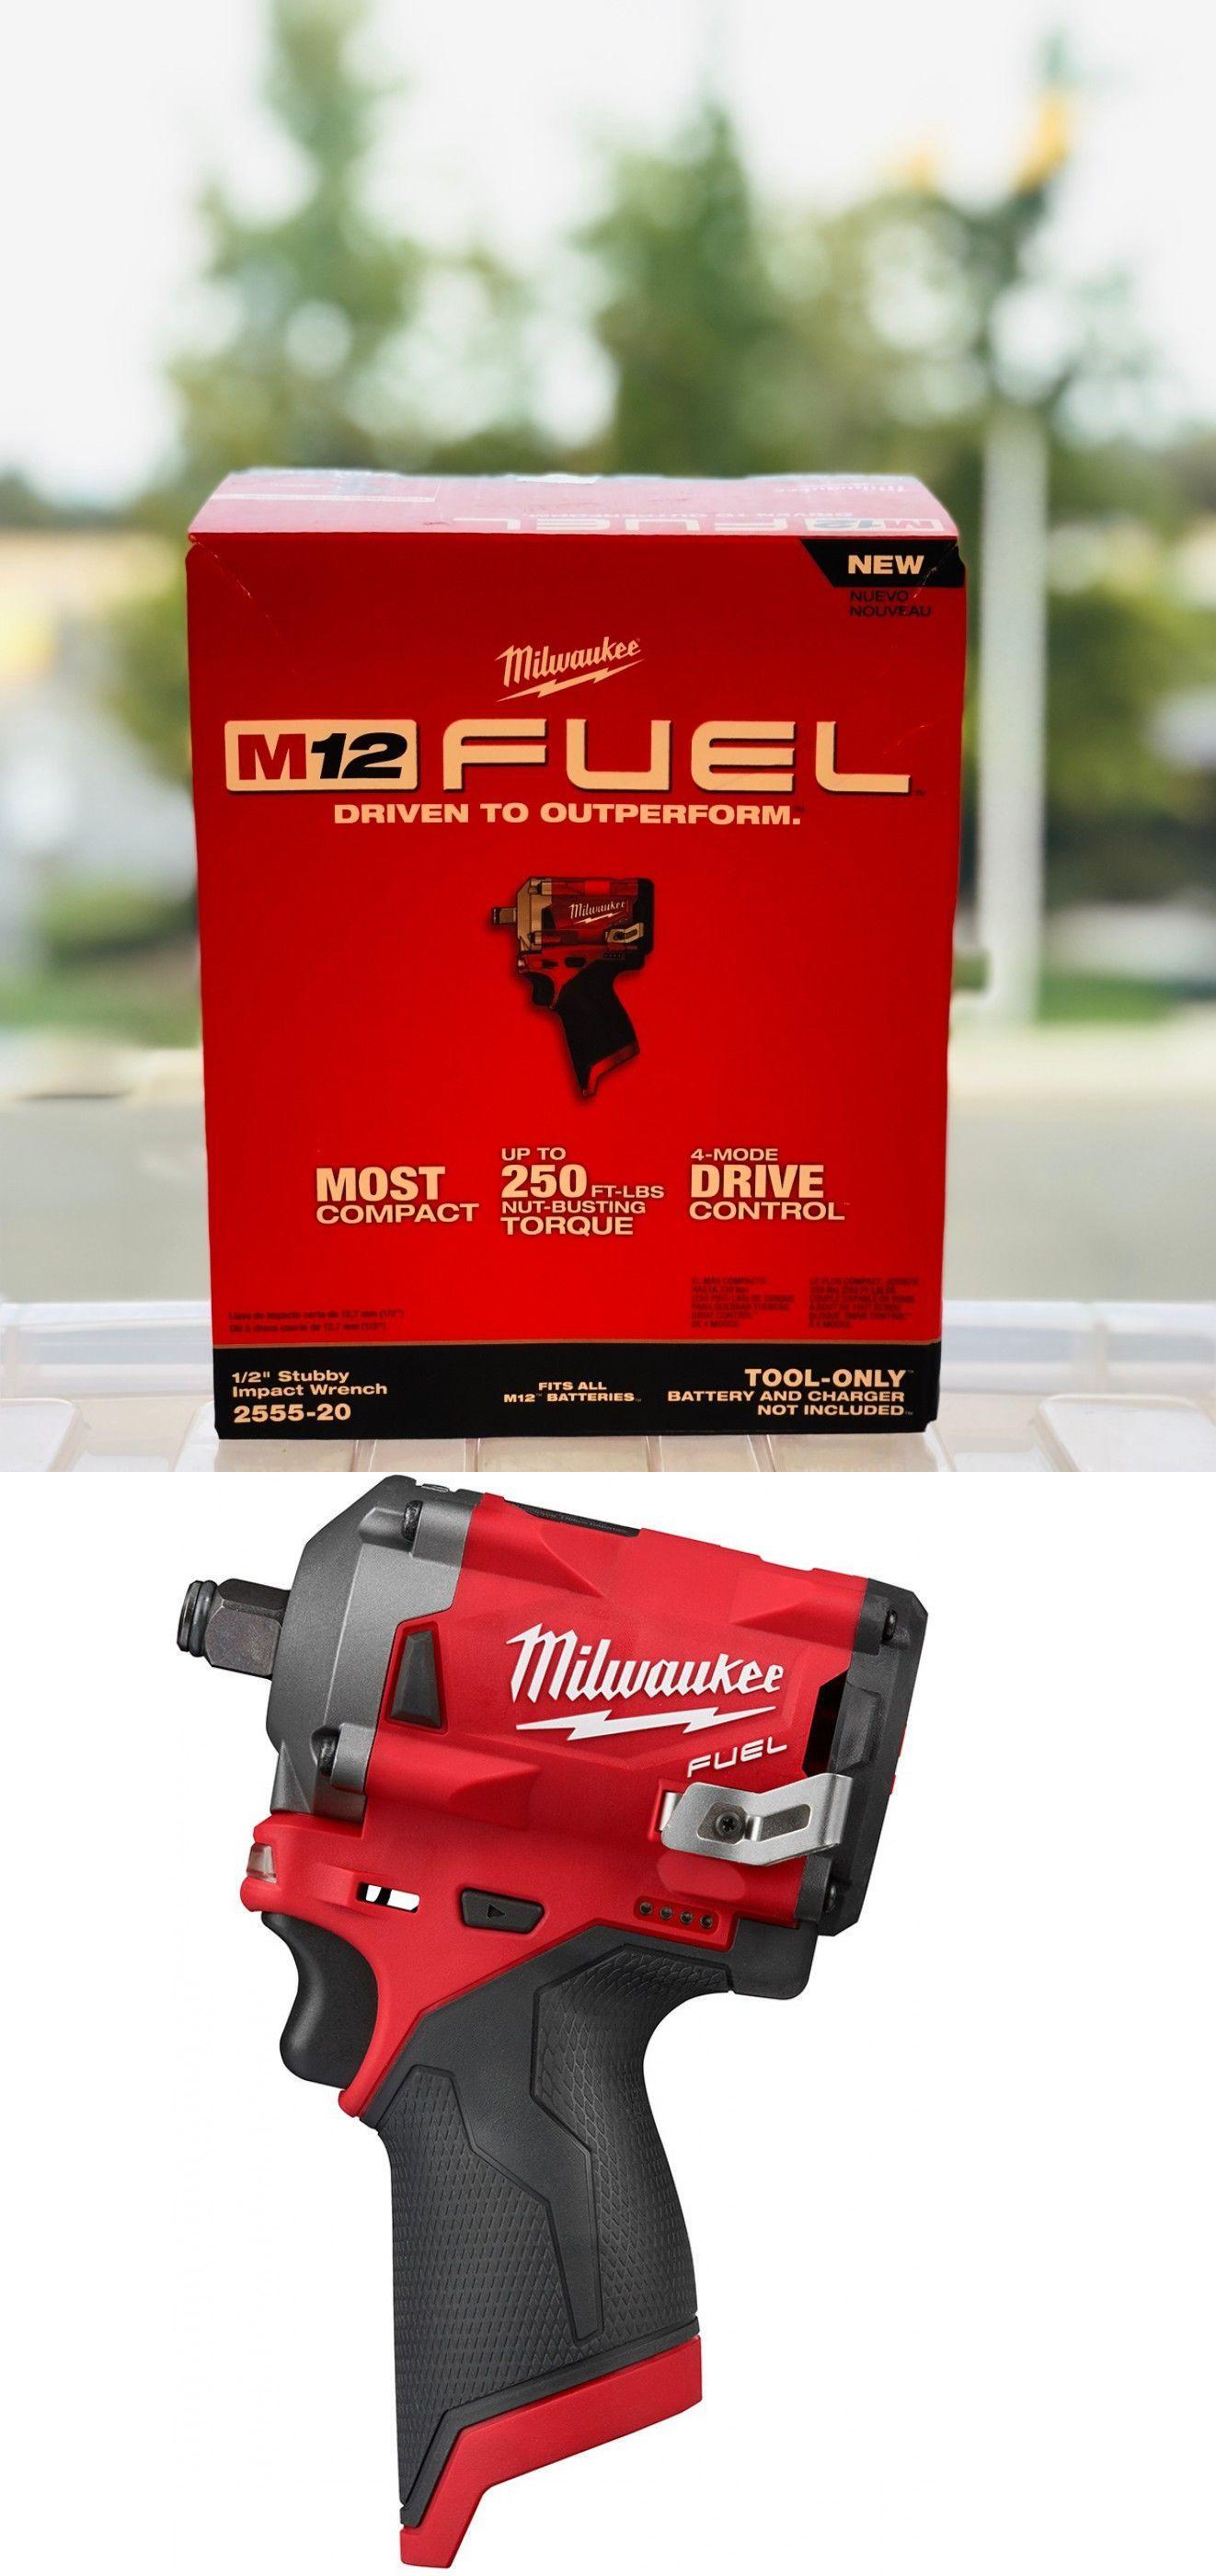 Milwaukee 2555 20 M12 Fuel 12v Brushless 1 2 Dr Cordless Impact Driver Stubby Impact Driver Impact Drivers Milwaukee M12